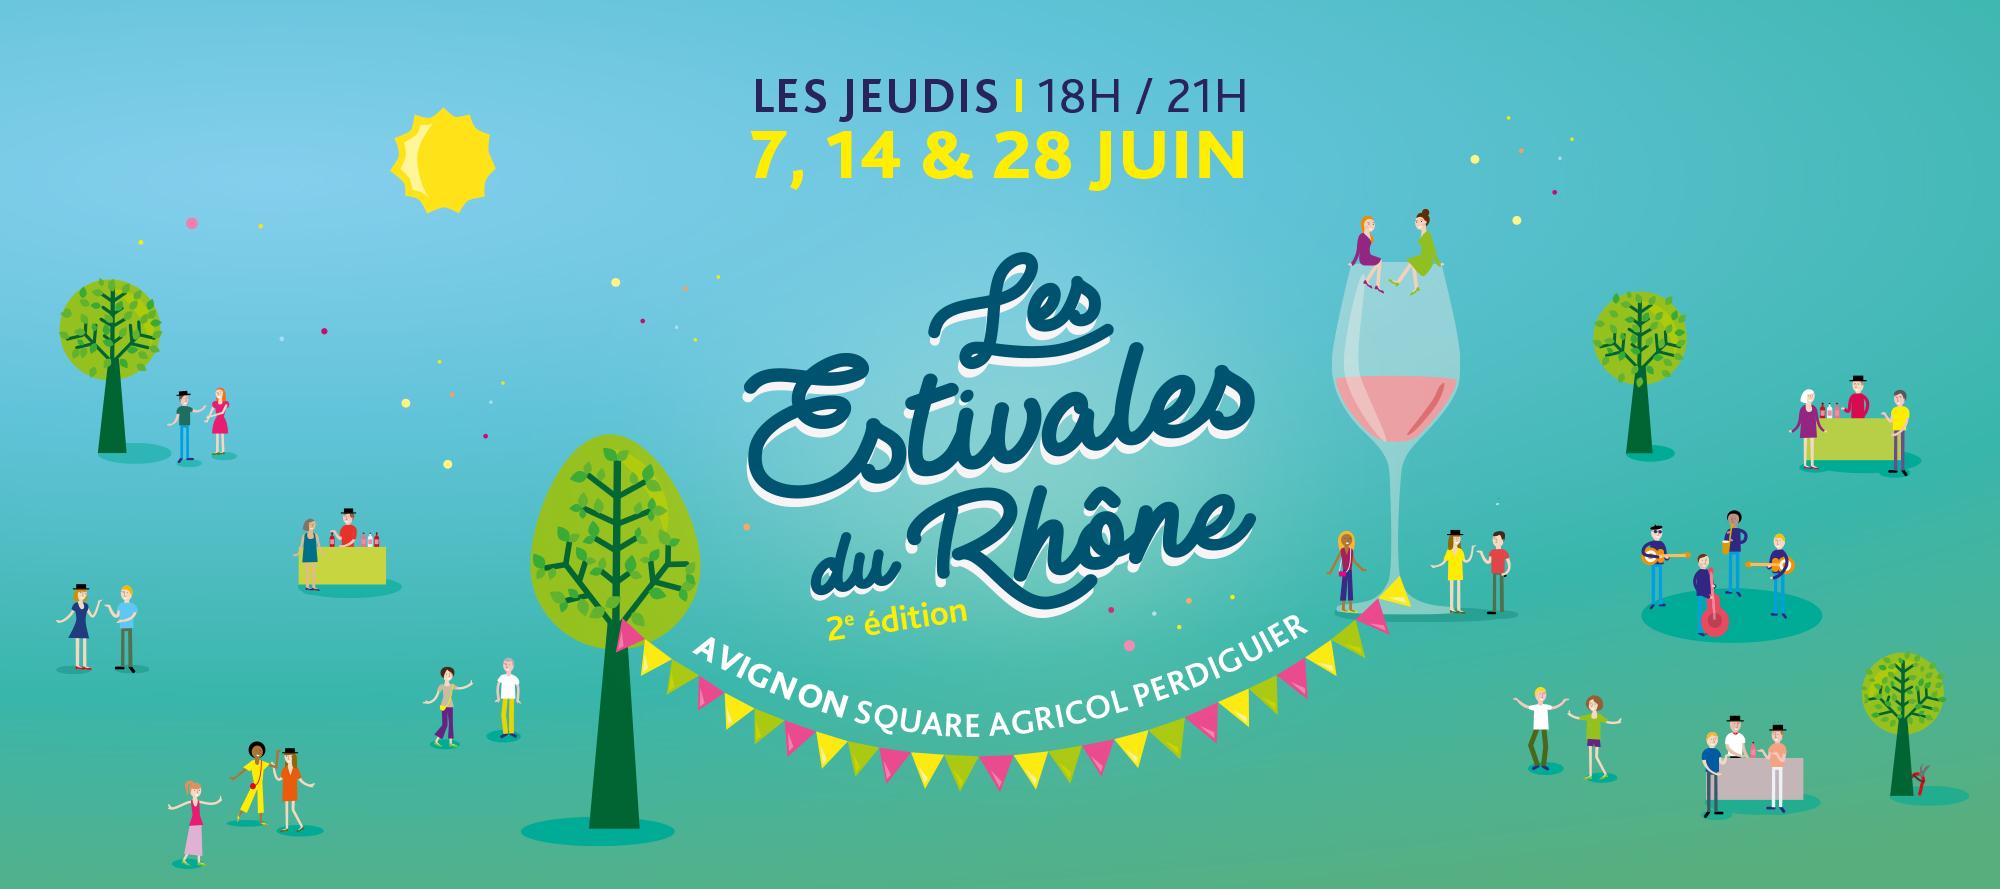 Estivales du Rhône Avignon 2e édition